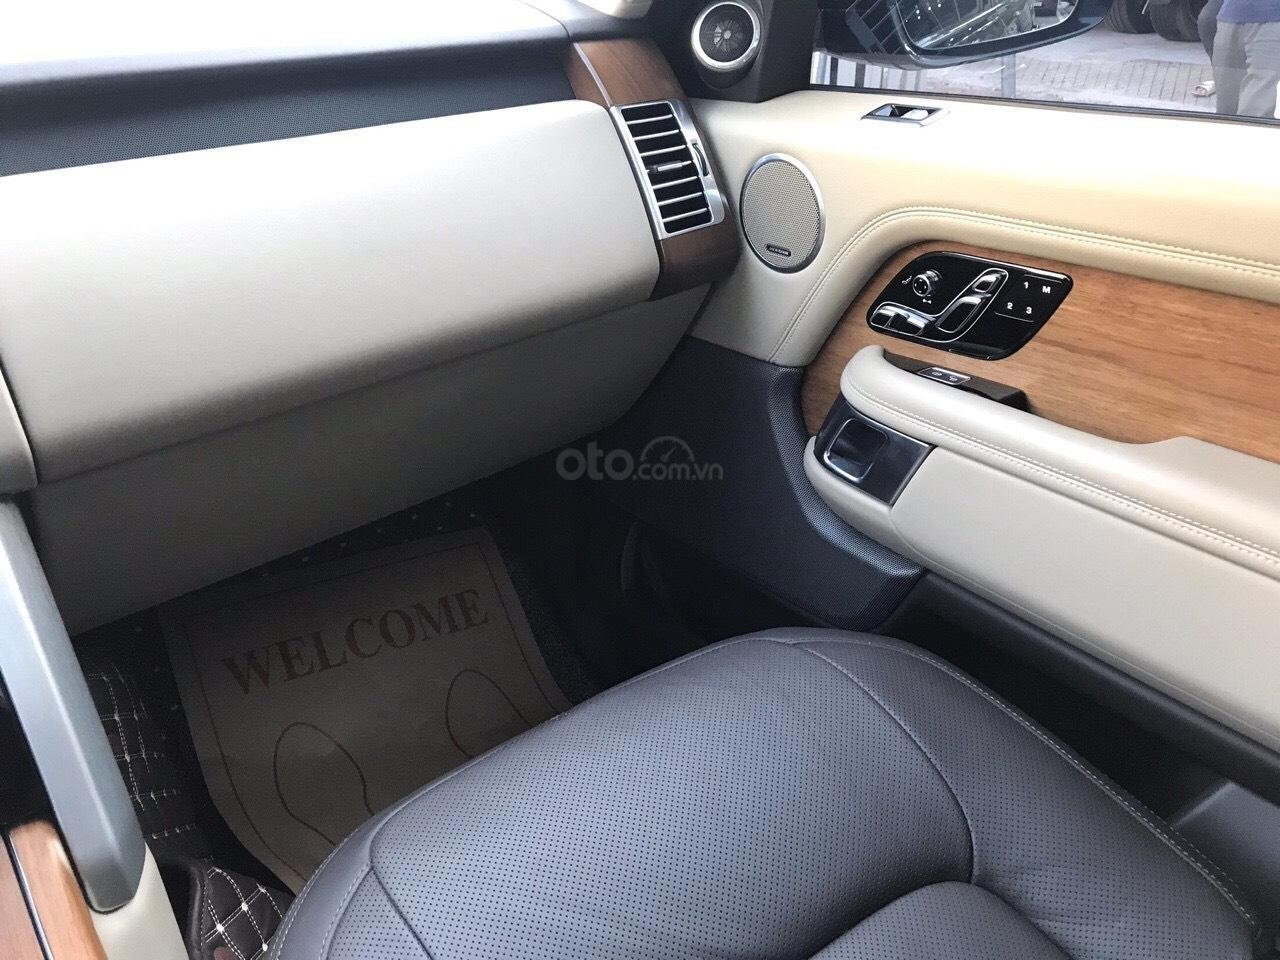 Siêu mẫu Anh quốc LandRover Range Rover Vogue hàng cực hiếm (5)